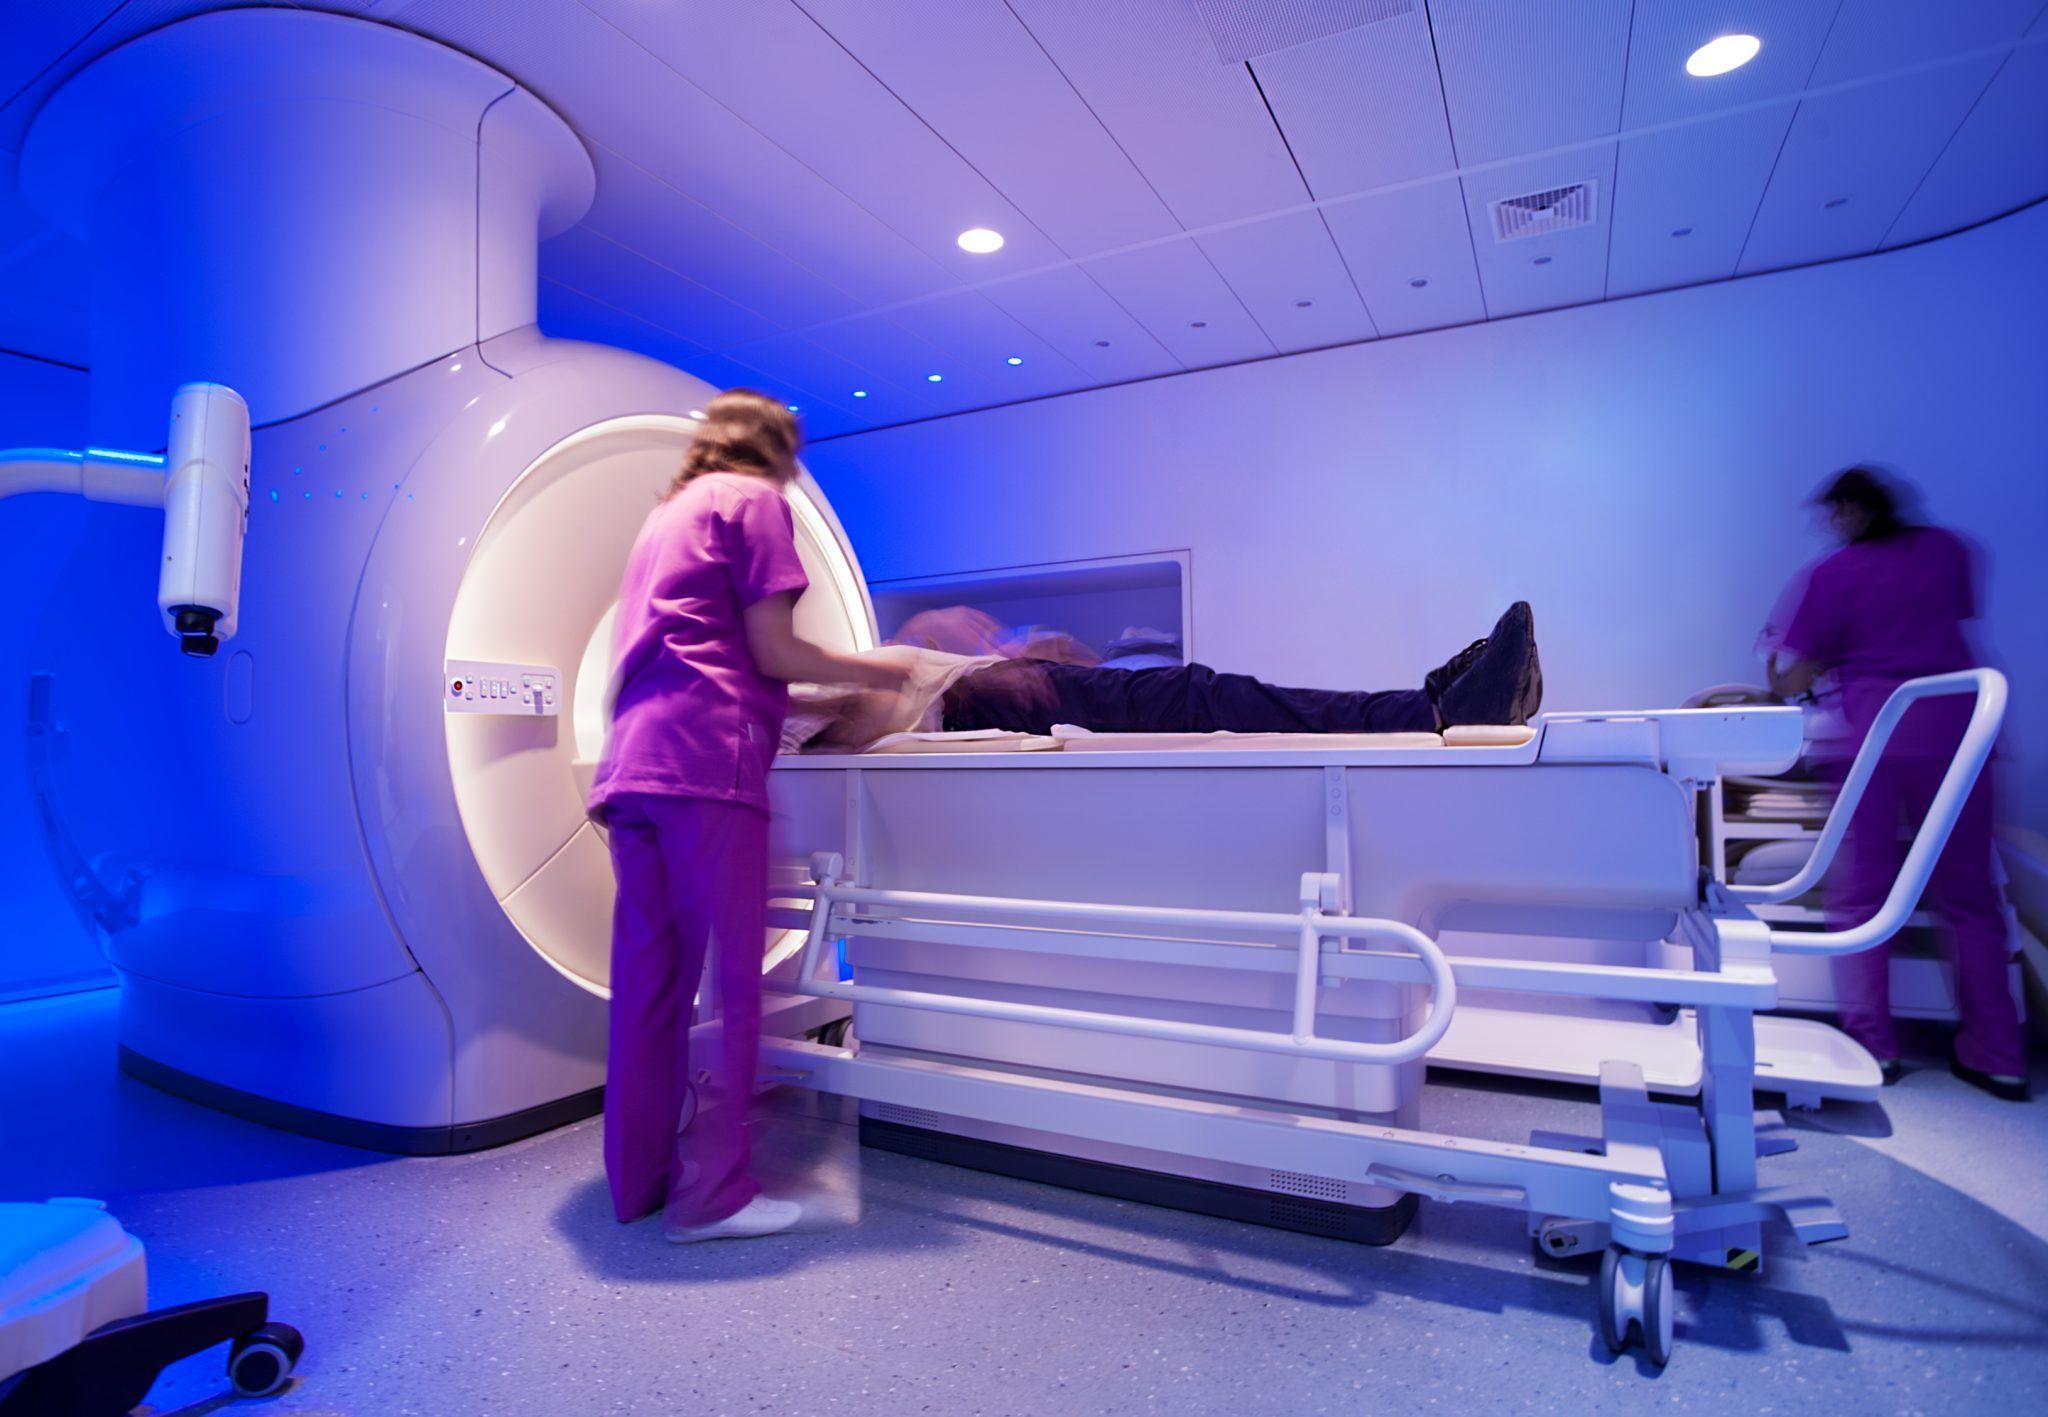 Când se impune să facem o analiză RMN și ce pregătiri sunt necesare înaintea investigației